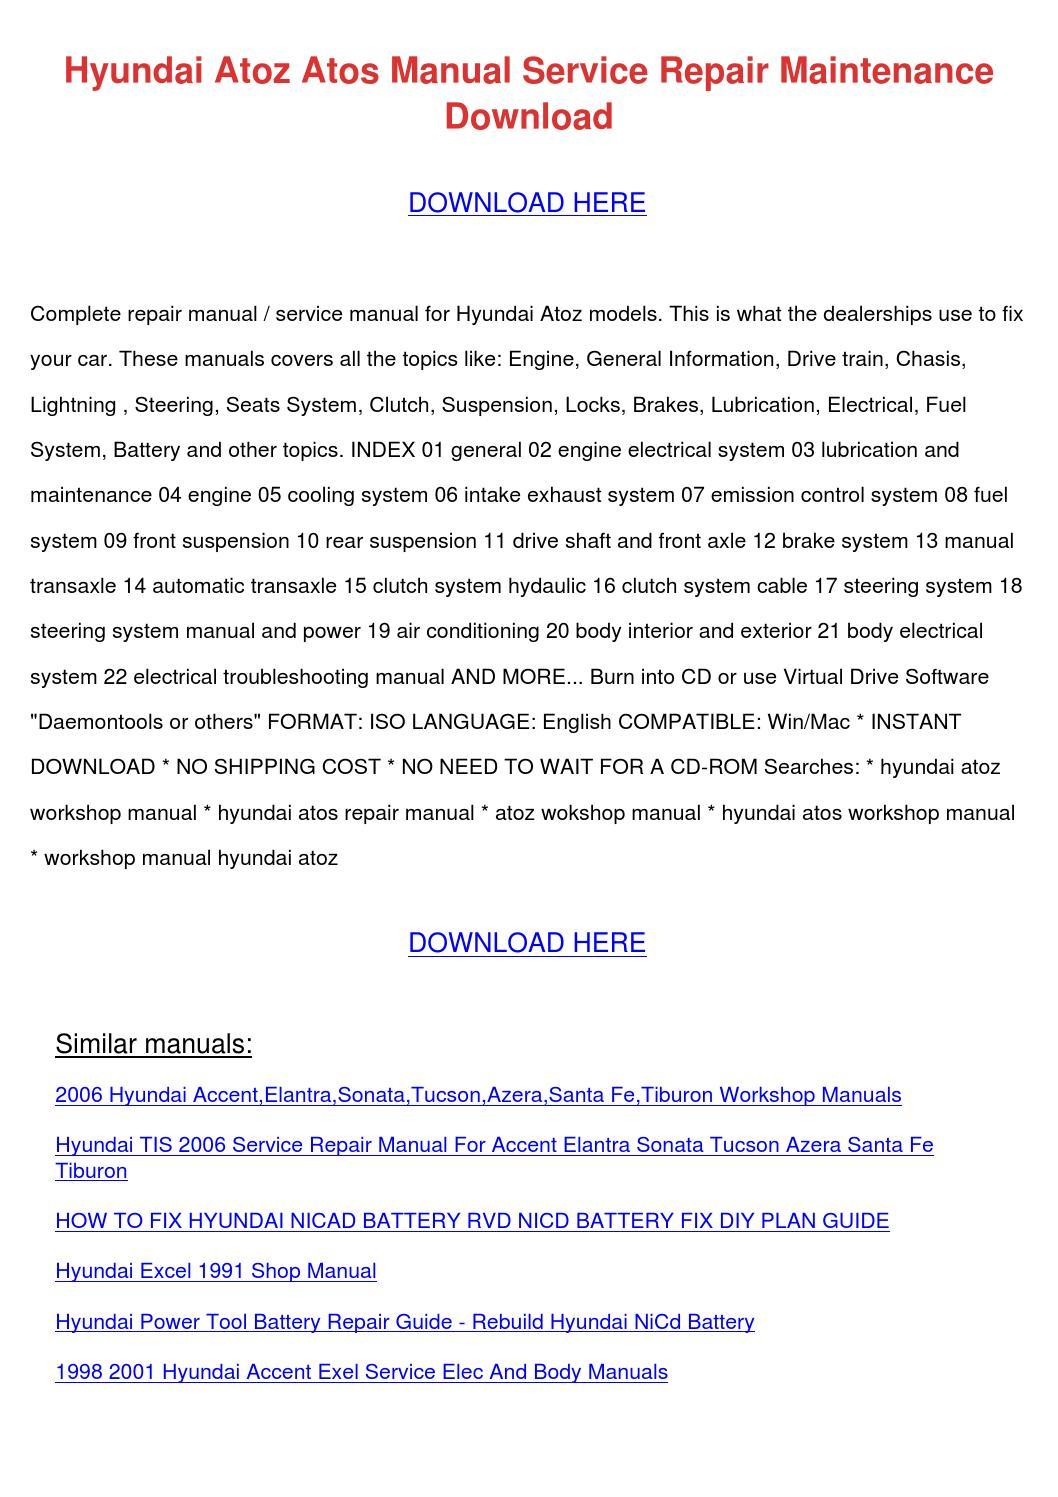 hyundai atoz atos manual service repair maint by frankearly issuu rh issuu com Hyundai Sonata Manual Transmission 2001 hyundai sonata repair manual